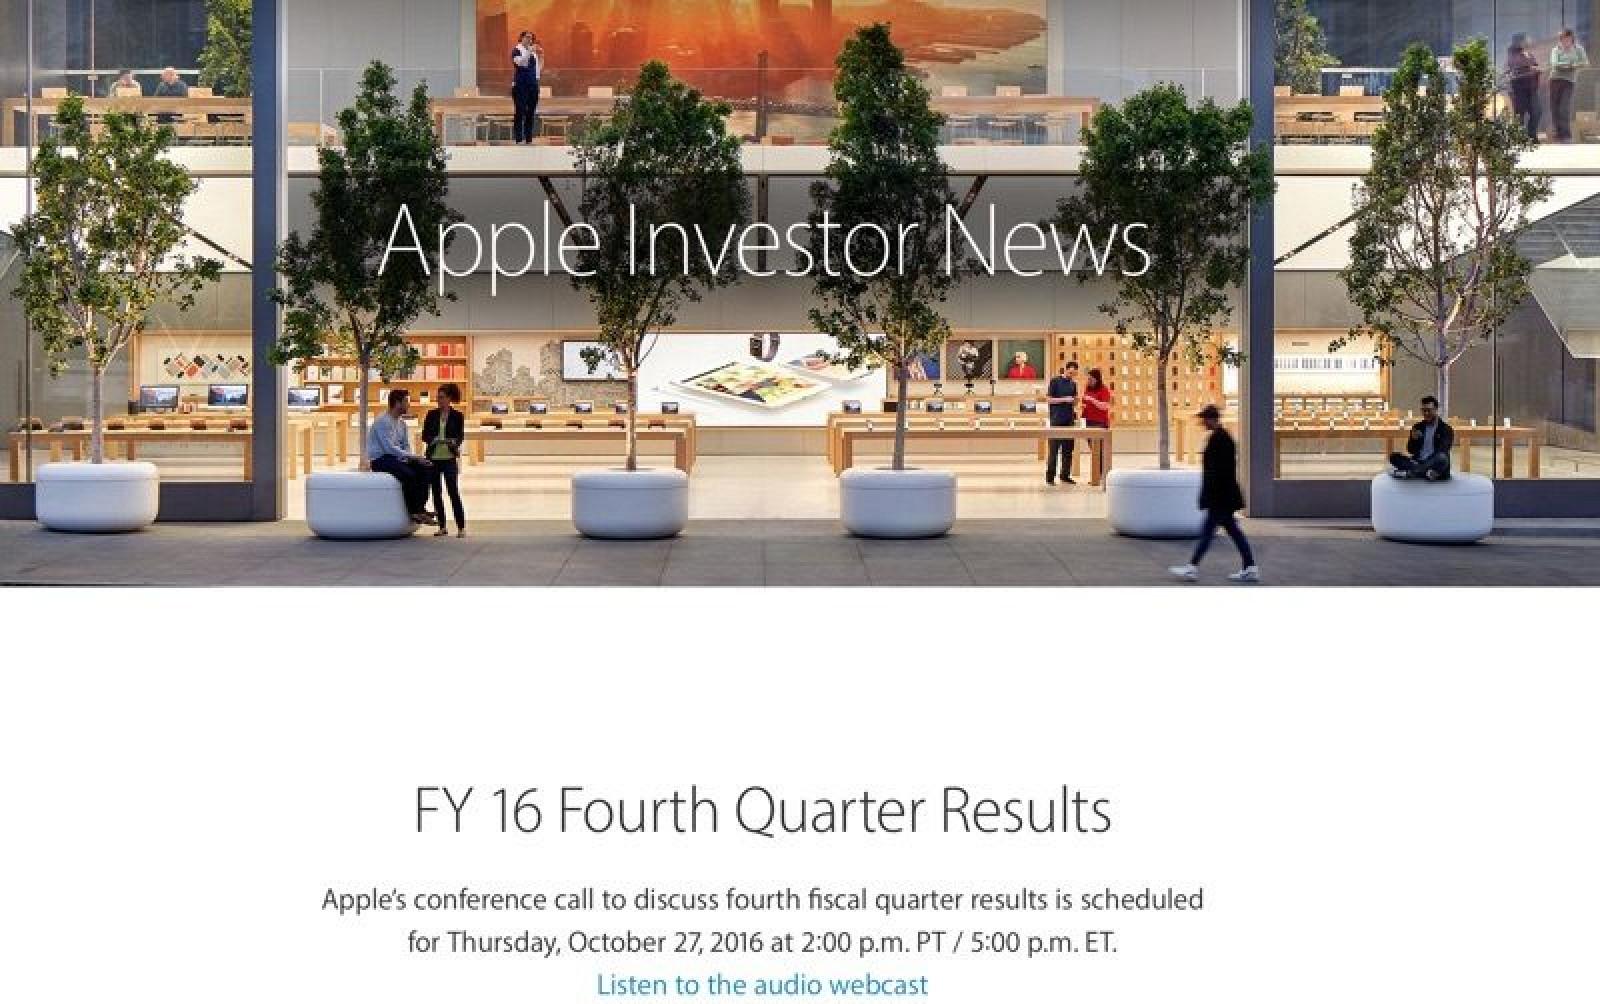 Apple to Announce Q4 2018 Earnings on November 1 - MacRumors